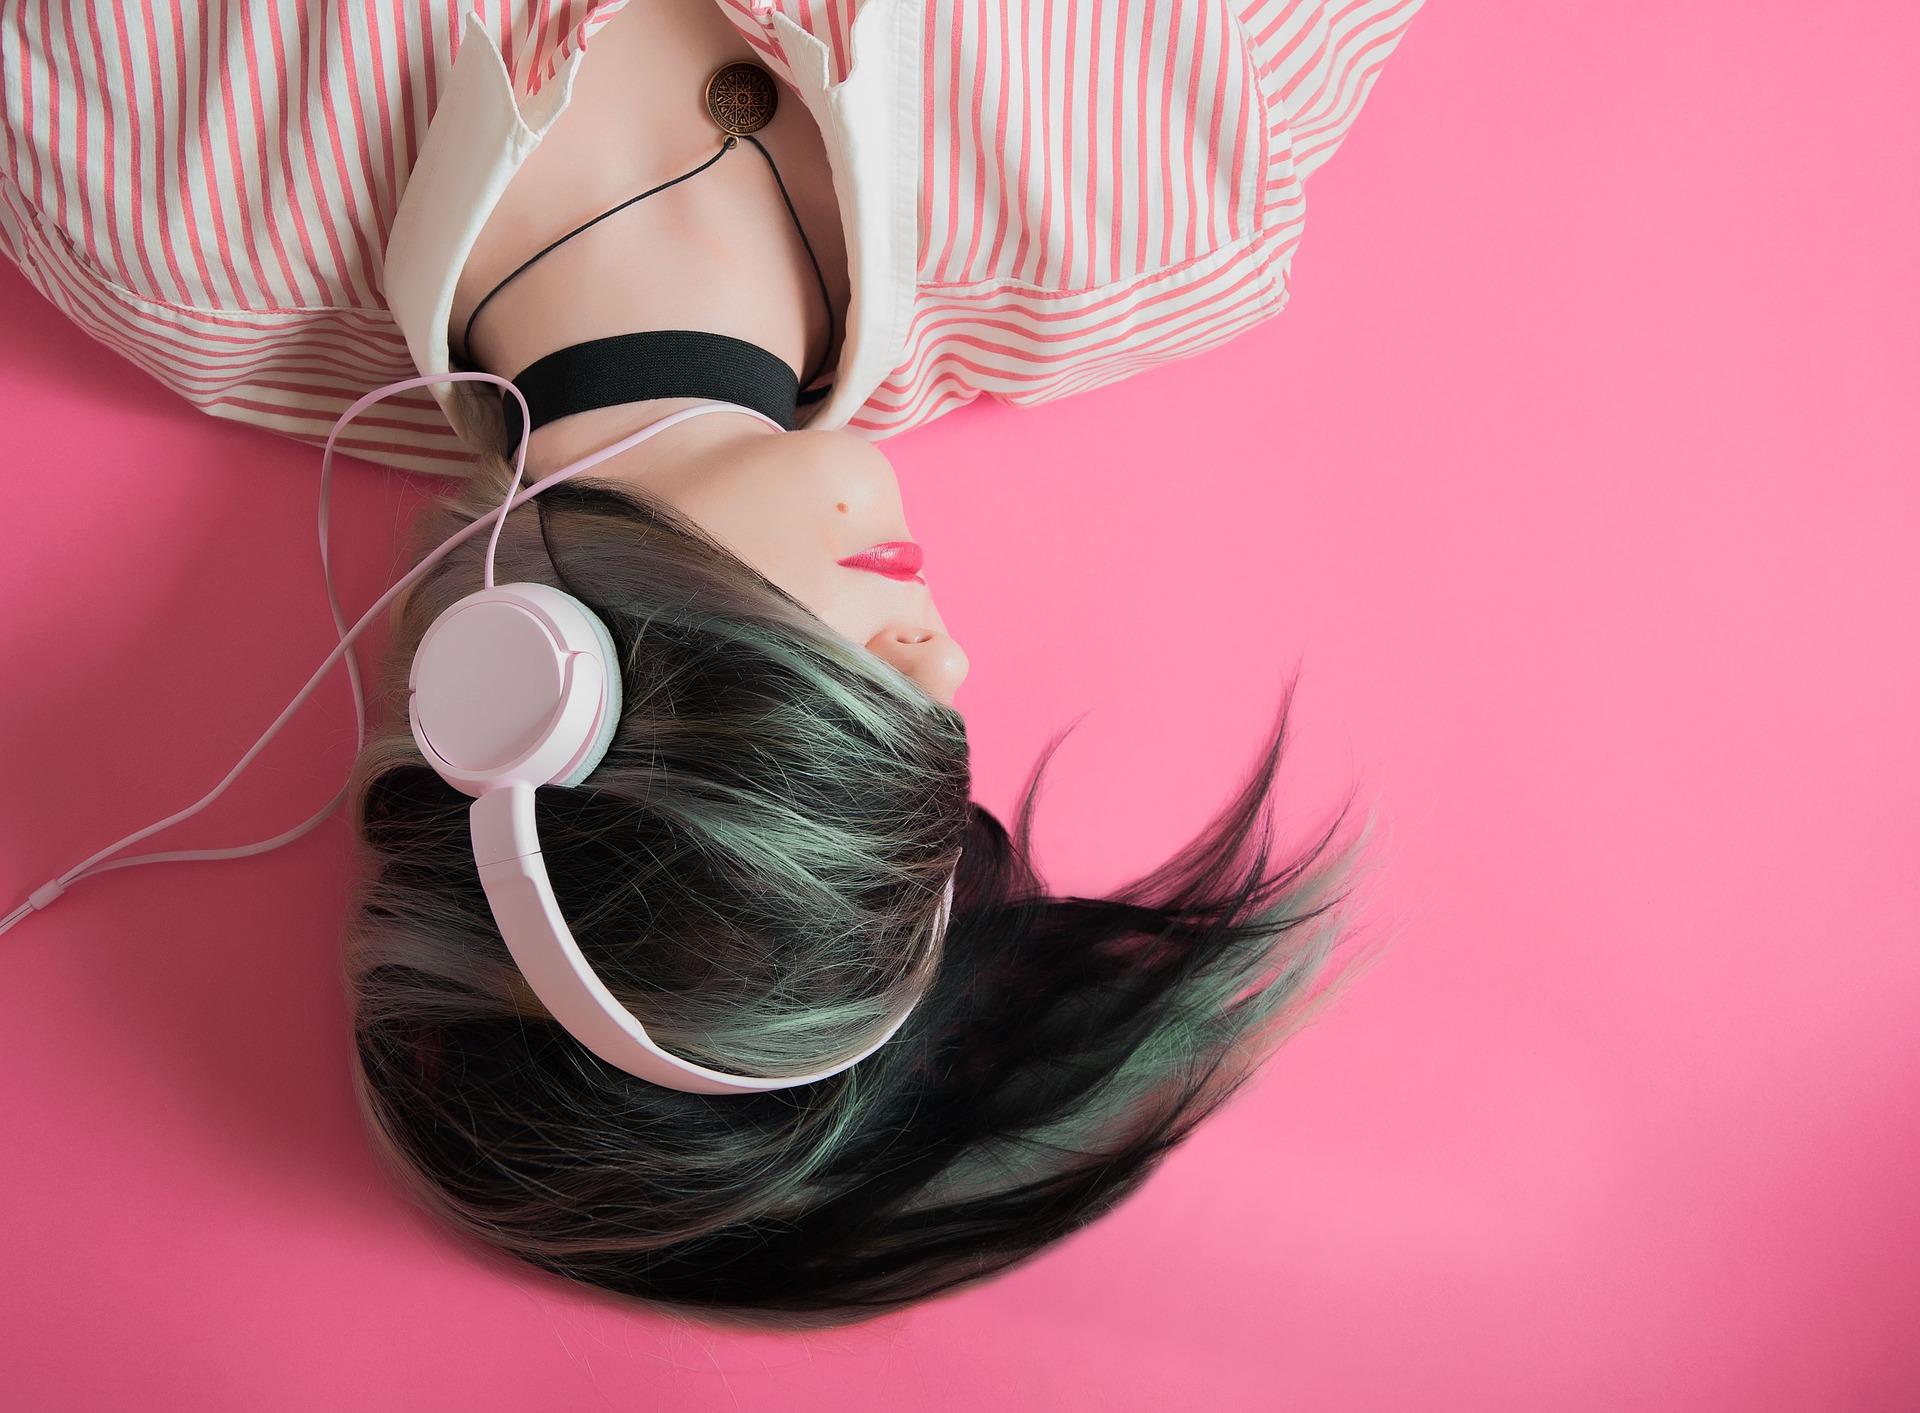 La musique comme meilleur somnifère